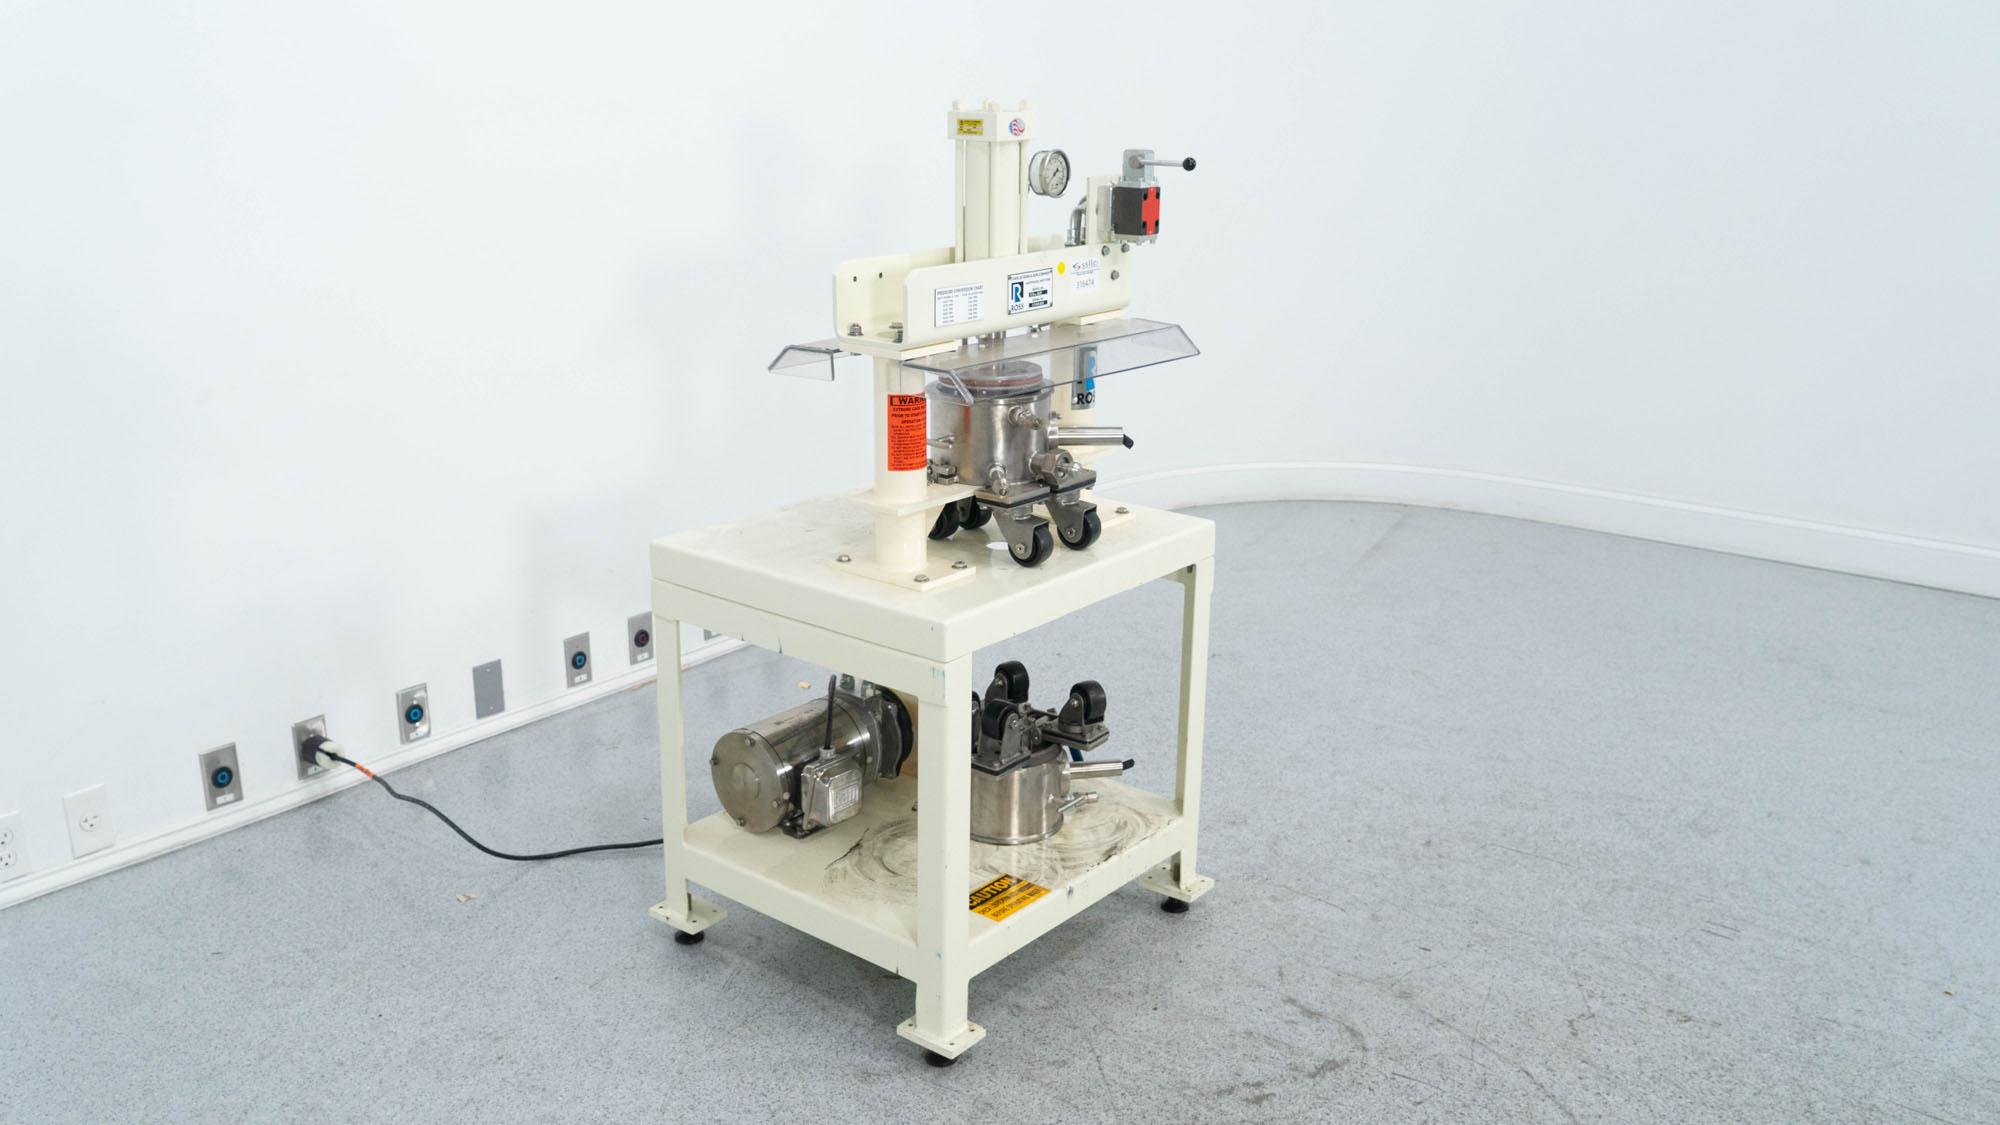 1 Quart Ross Discharge Press, Model DS-1QT